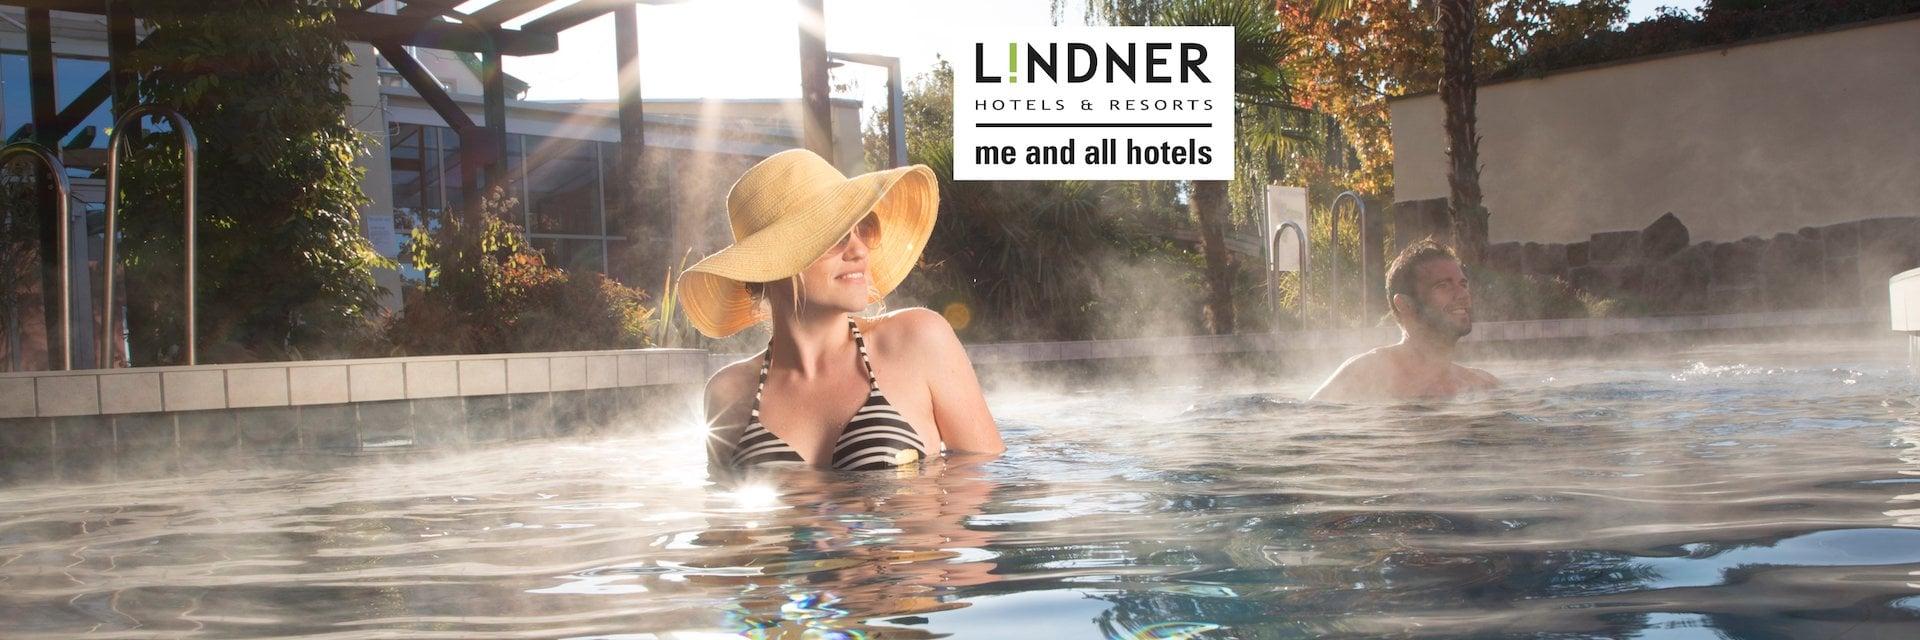 Confortevoli viaggi in città con gli hotel Lindner